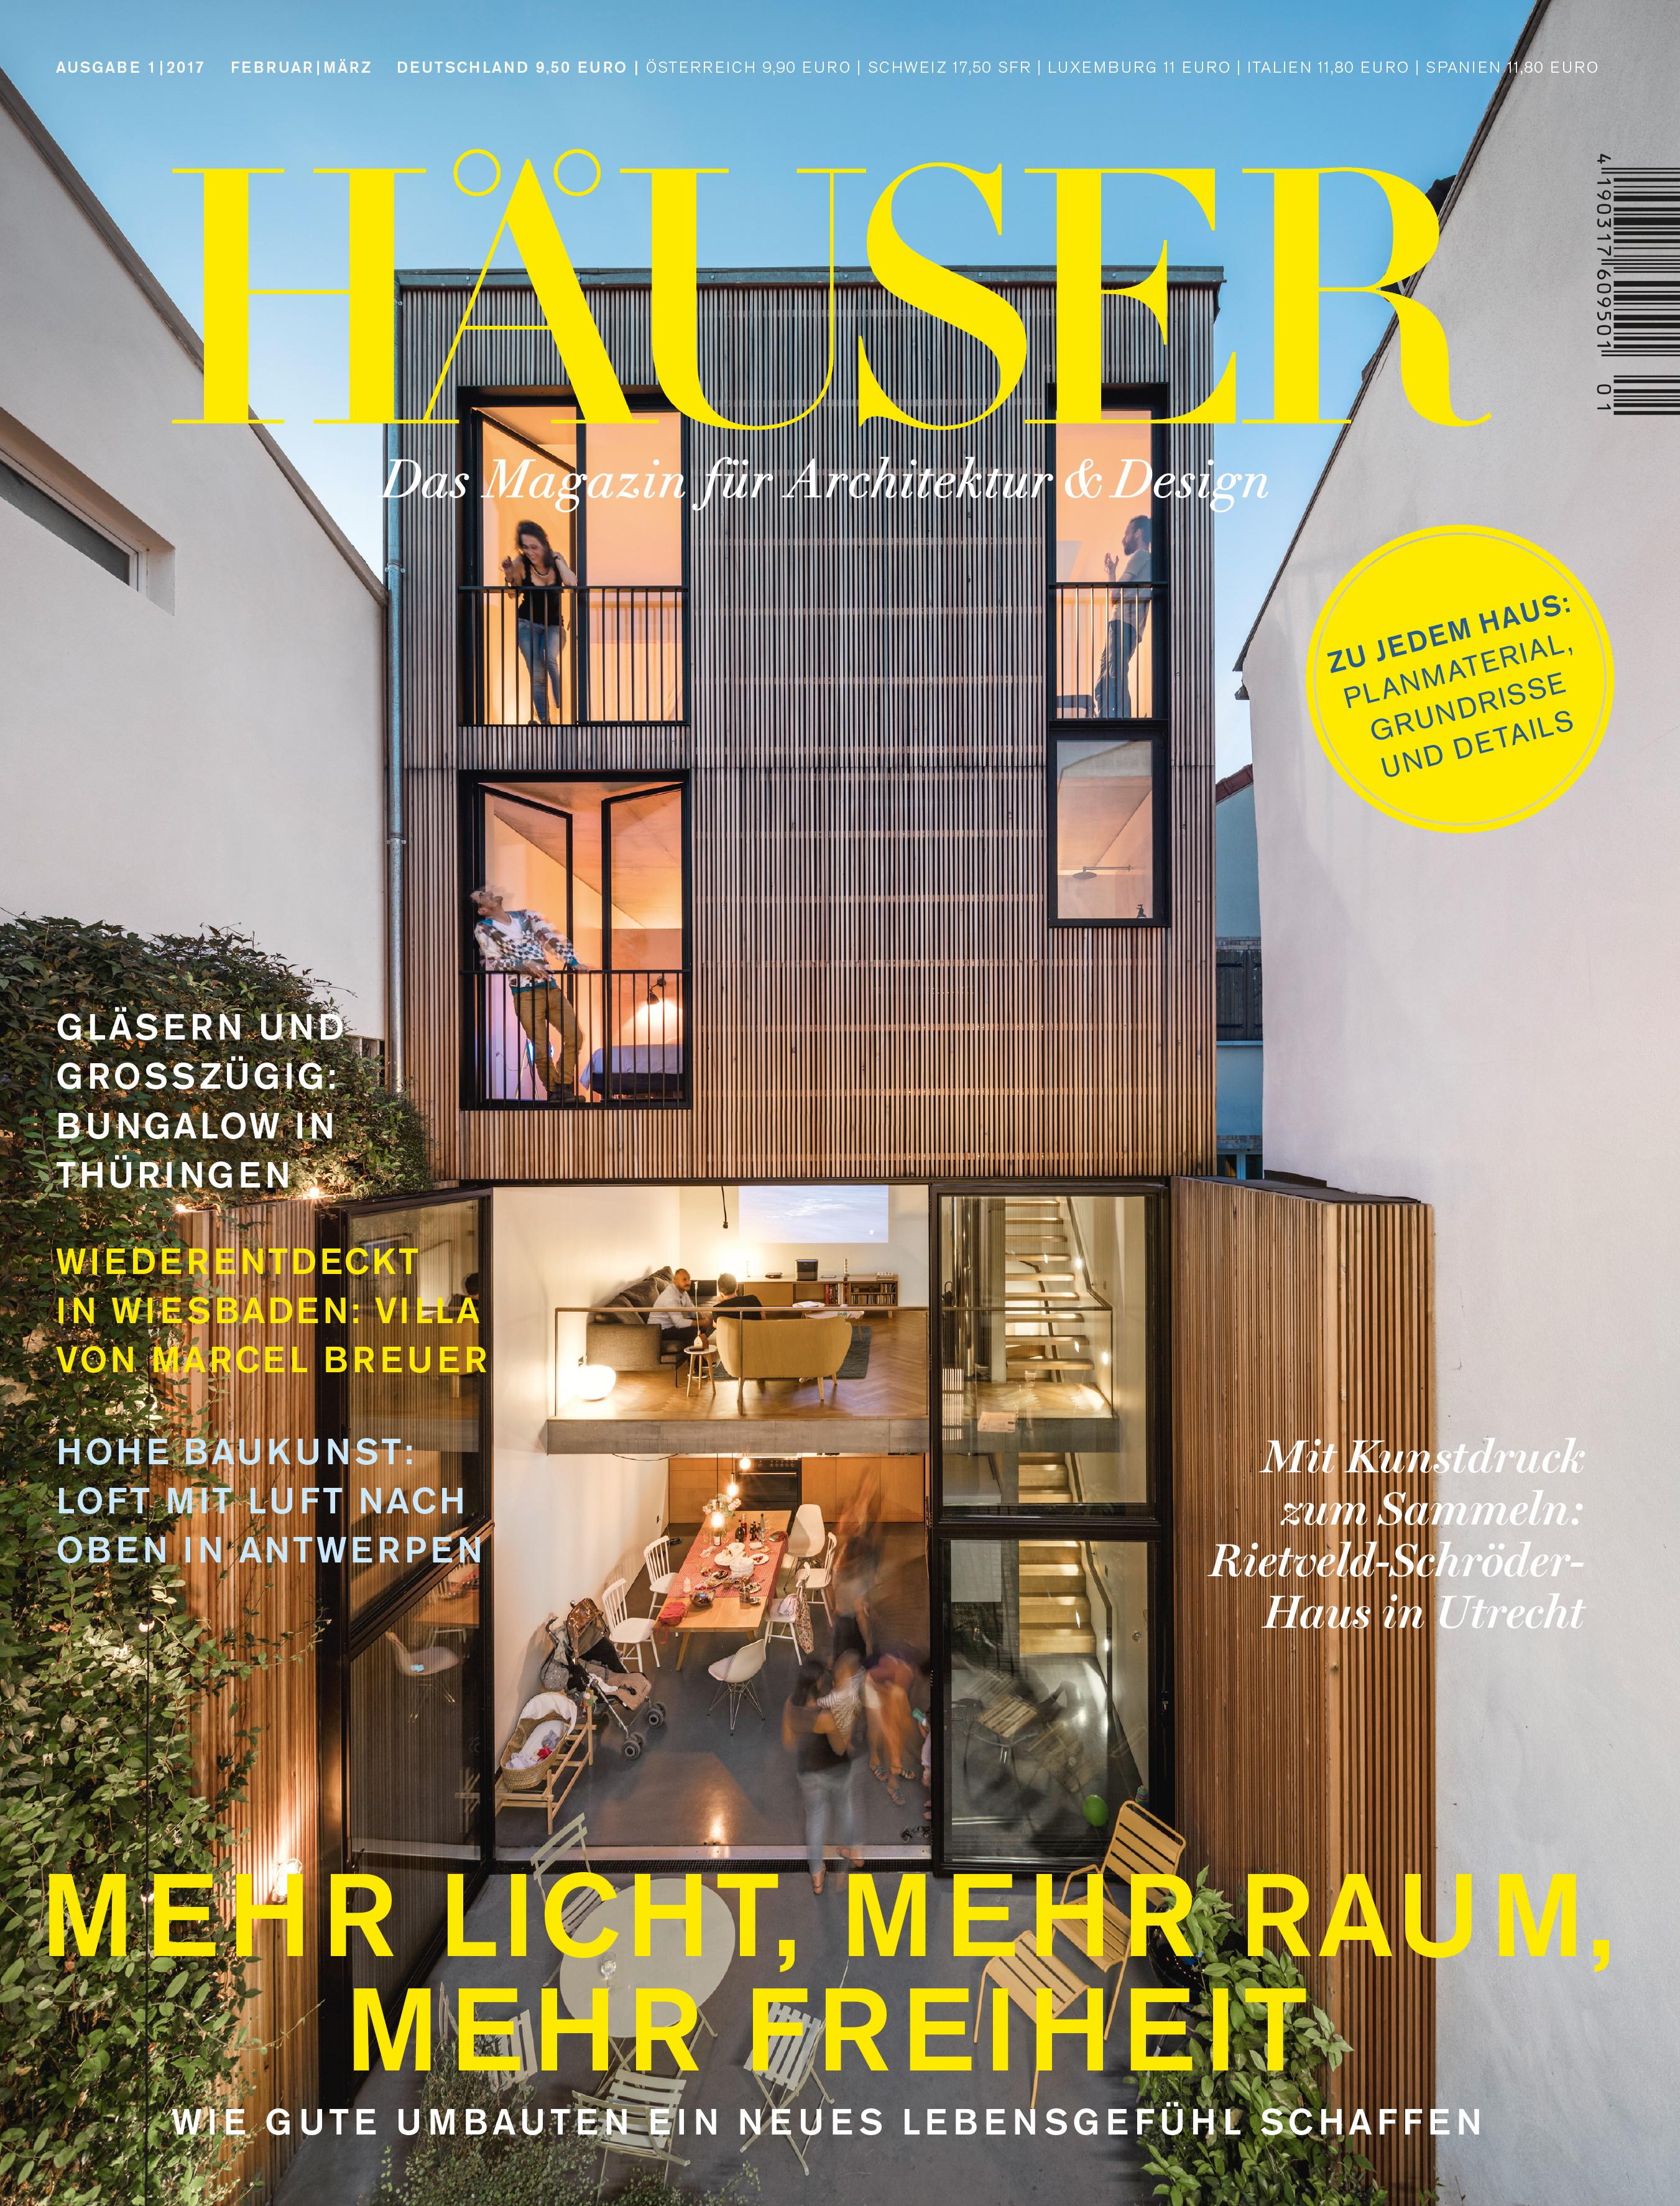 Häuser award 2018 deutschlands premium architektur magazin häuser sucht die besten einfamilienhäuser